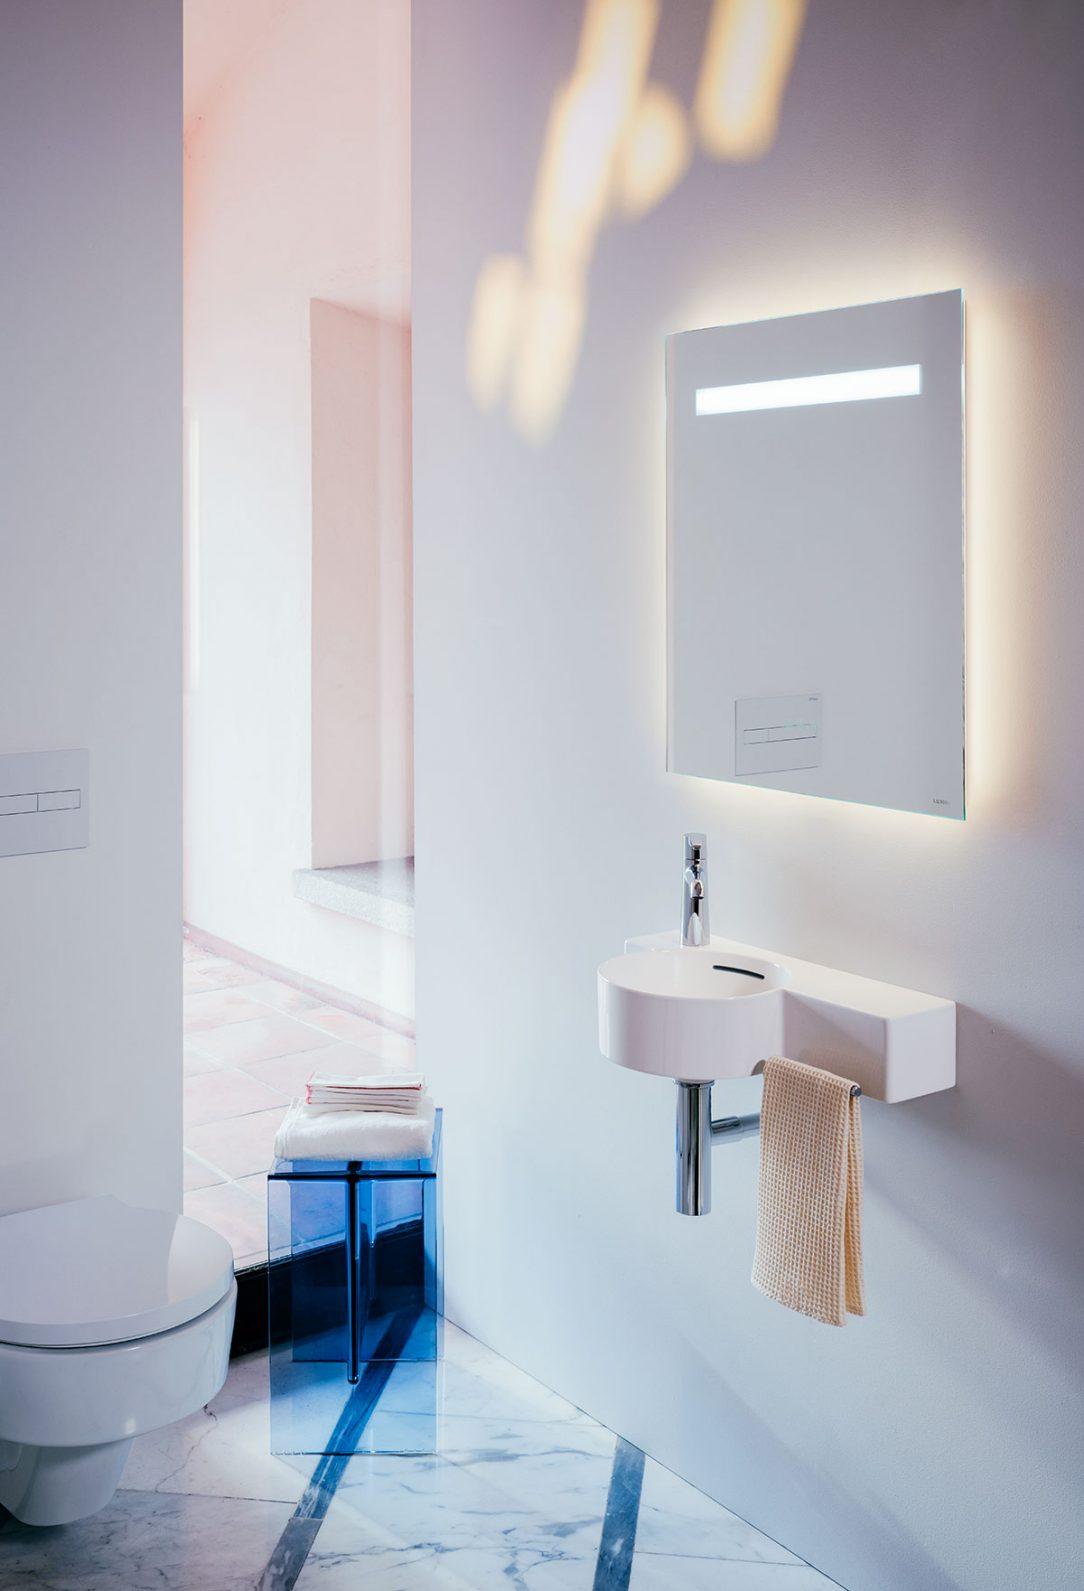 Série Val pro kompaktní a náročné koupelny 2